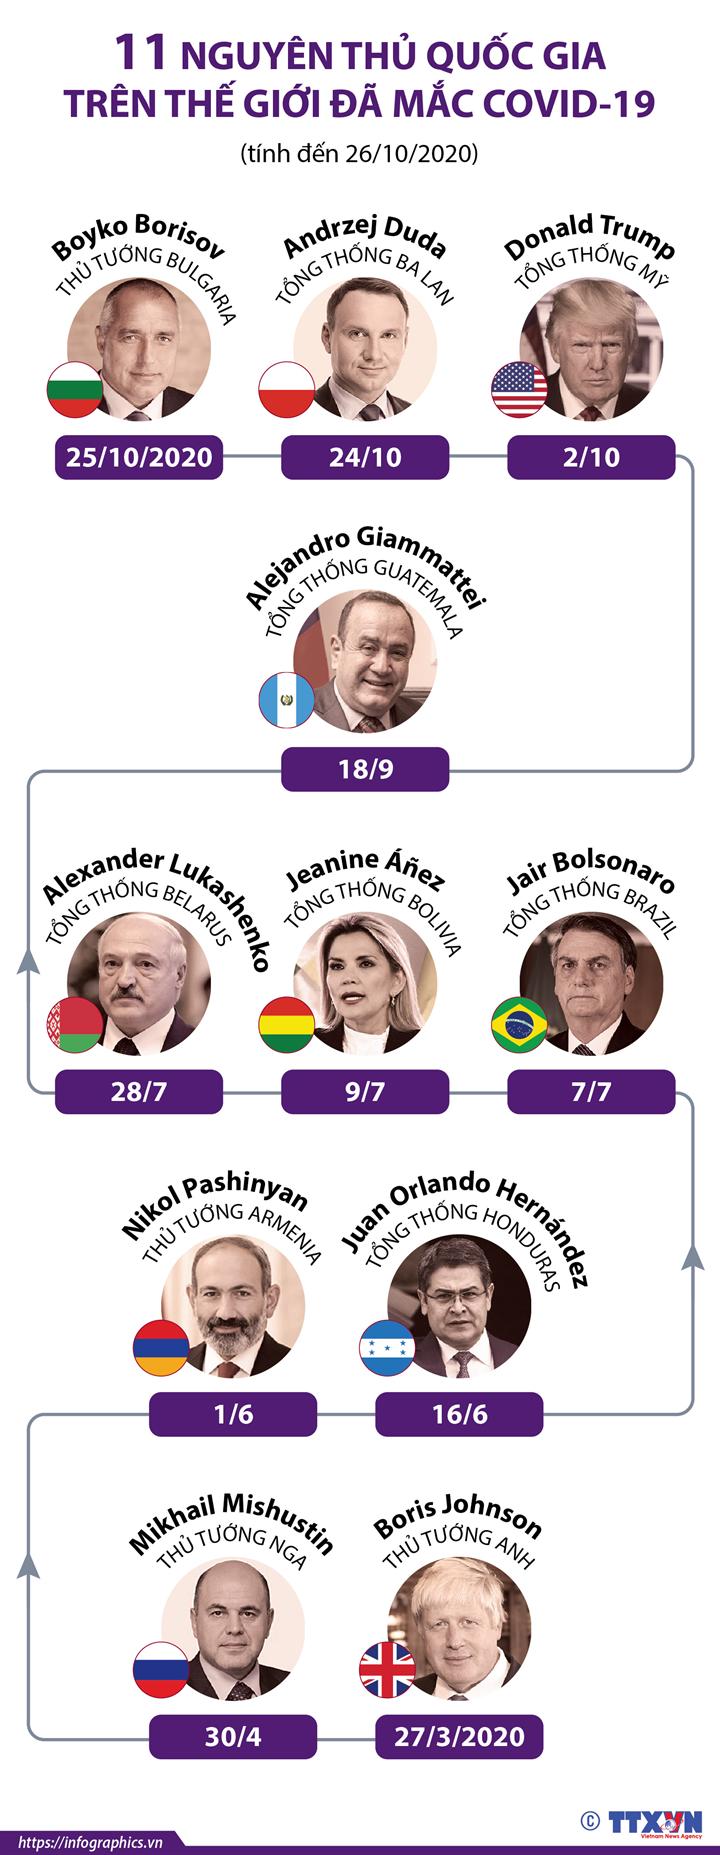 11 nguyên thủ quốc gia trên thế giới đã mắc COVID-19 (tính đến 26/10/2020)